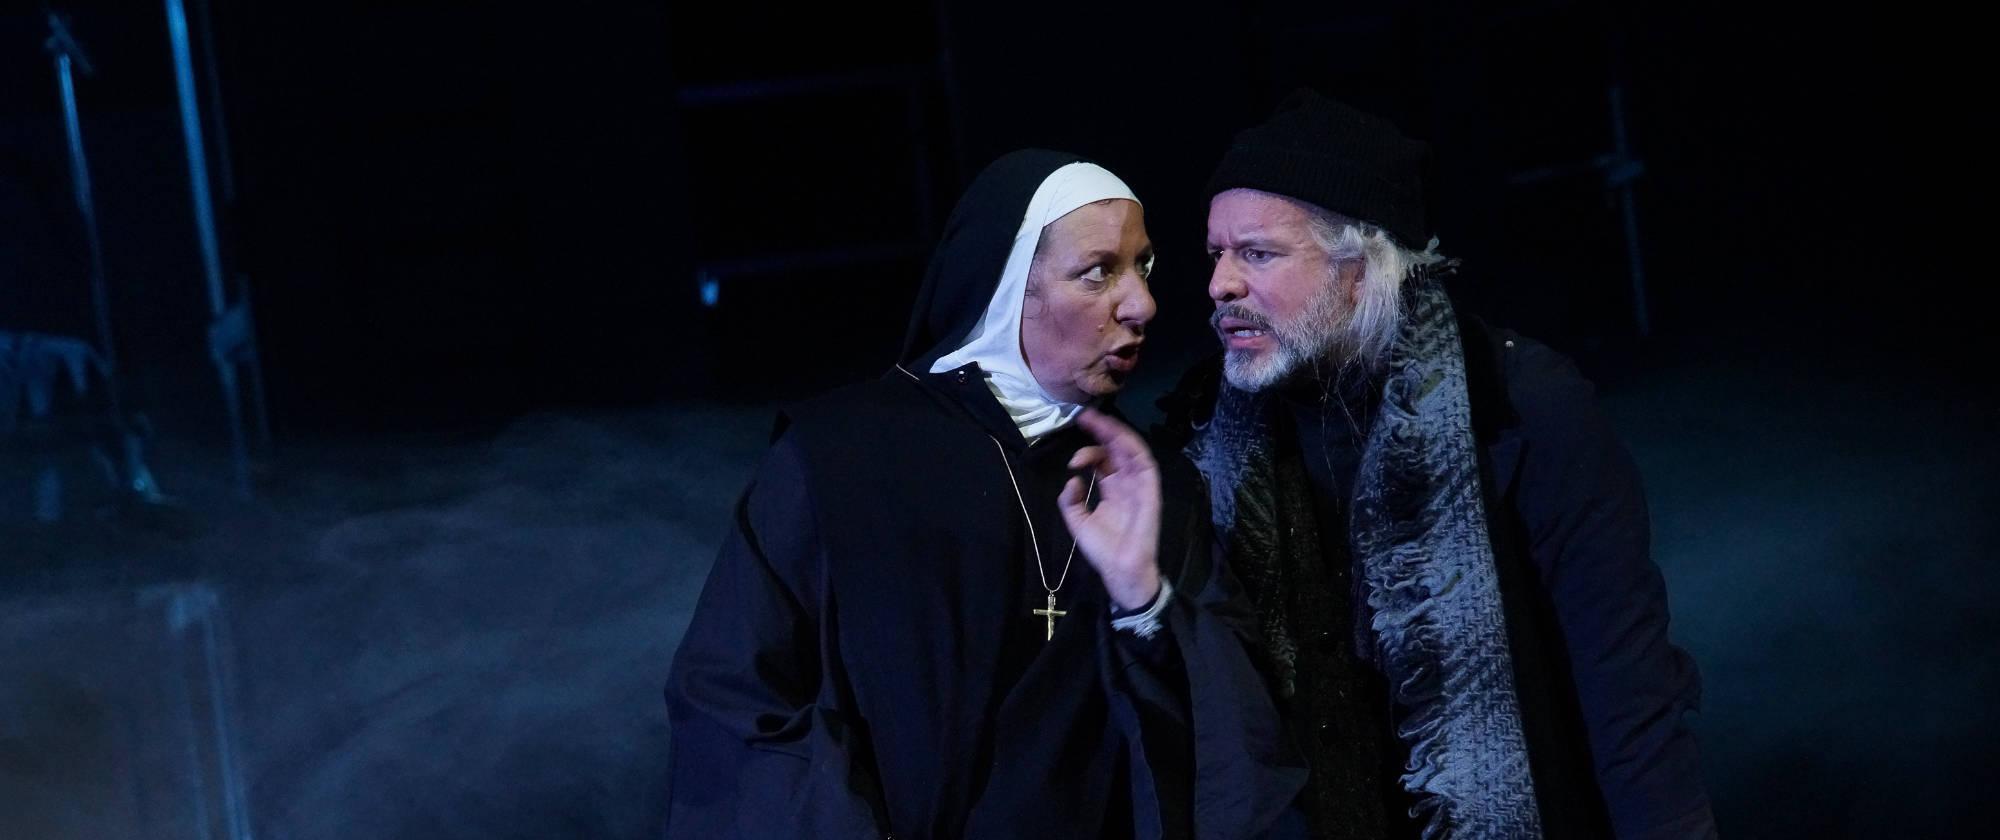 005-DIE-ELENDEN-nach-Victor-Hugo-Les-Miserables-von-Malte-Kreutzfeldt-Regie-c-photo-Olaf-Struck-Theater-Schauspielhaus-Kiel-2019